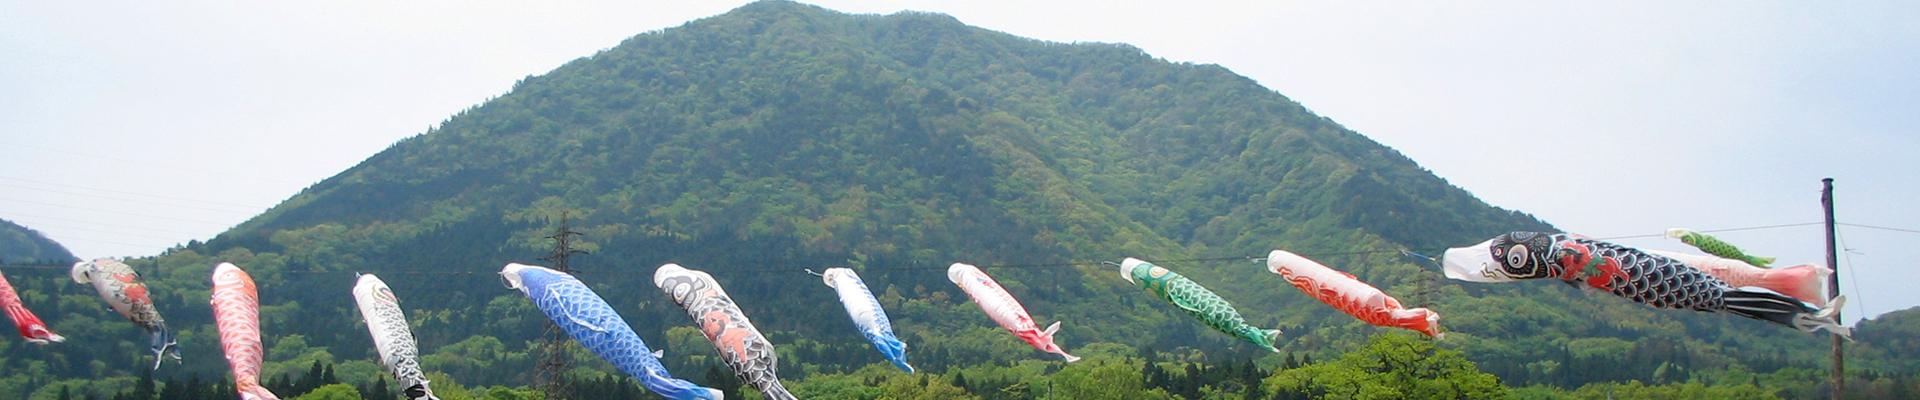 津和野の最高峰青野山の山麓より自然そのままの味を皆様へ